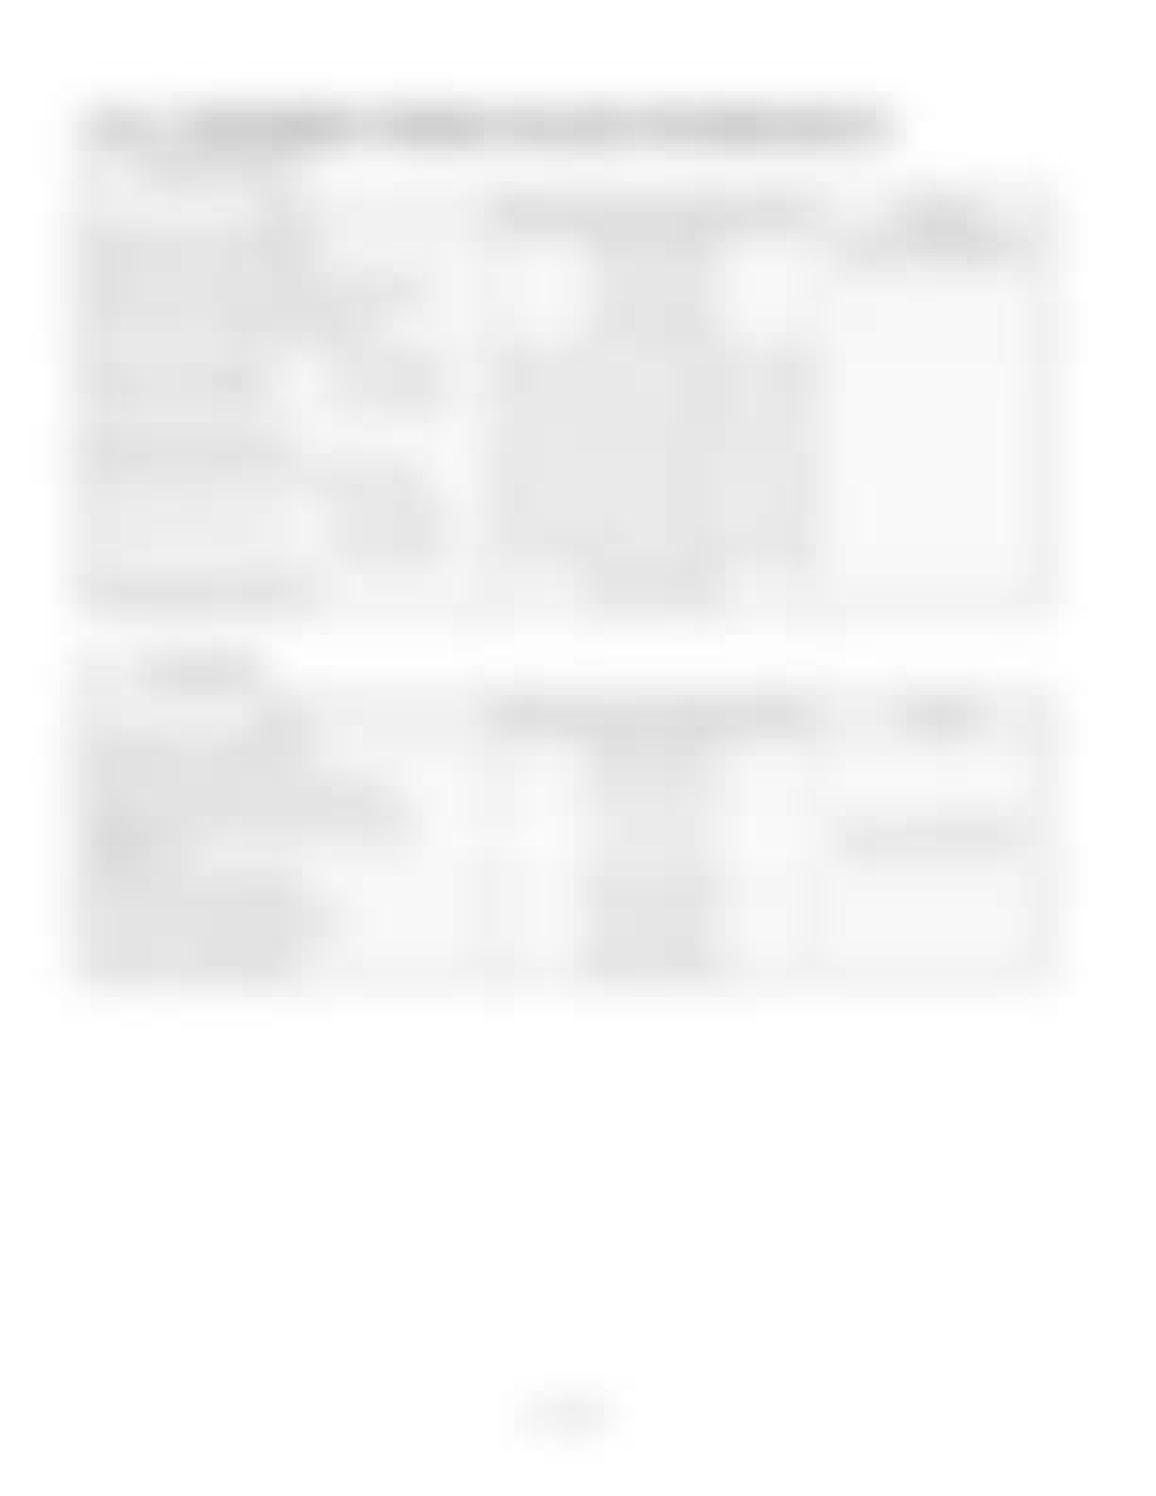 Hitachi LX110-7 LX130-7 LX160-7 LX190-7 LX230-7 Wheel Loader Workshop Manual - PDF DOWNLOAD page 92